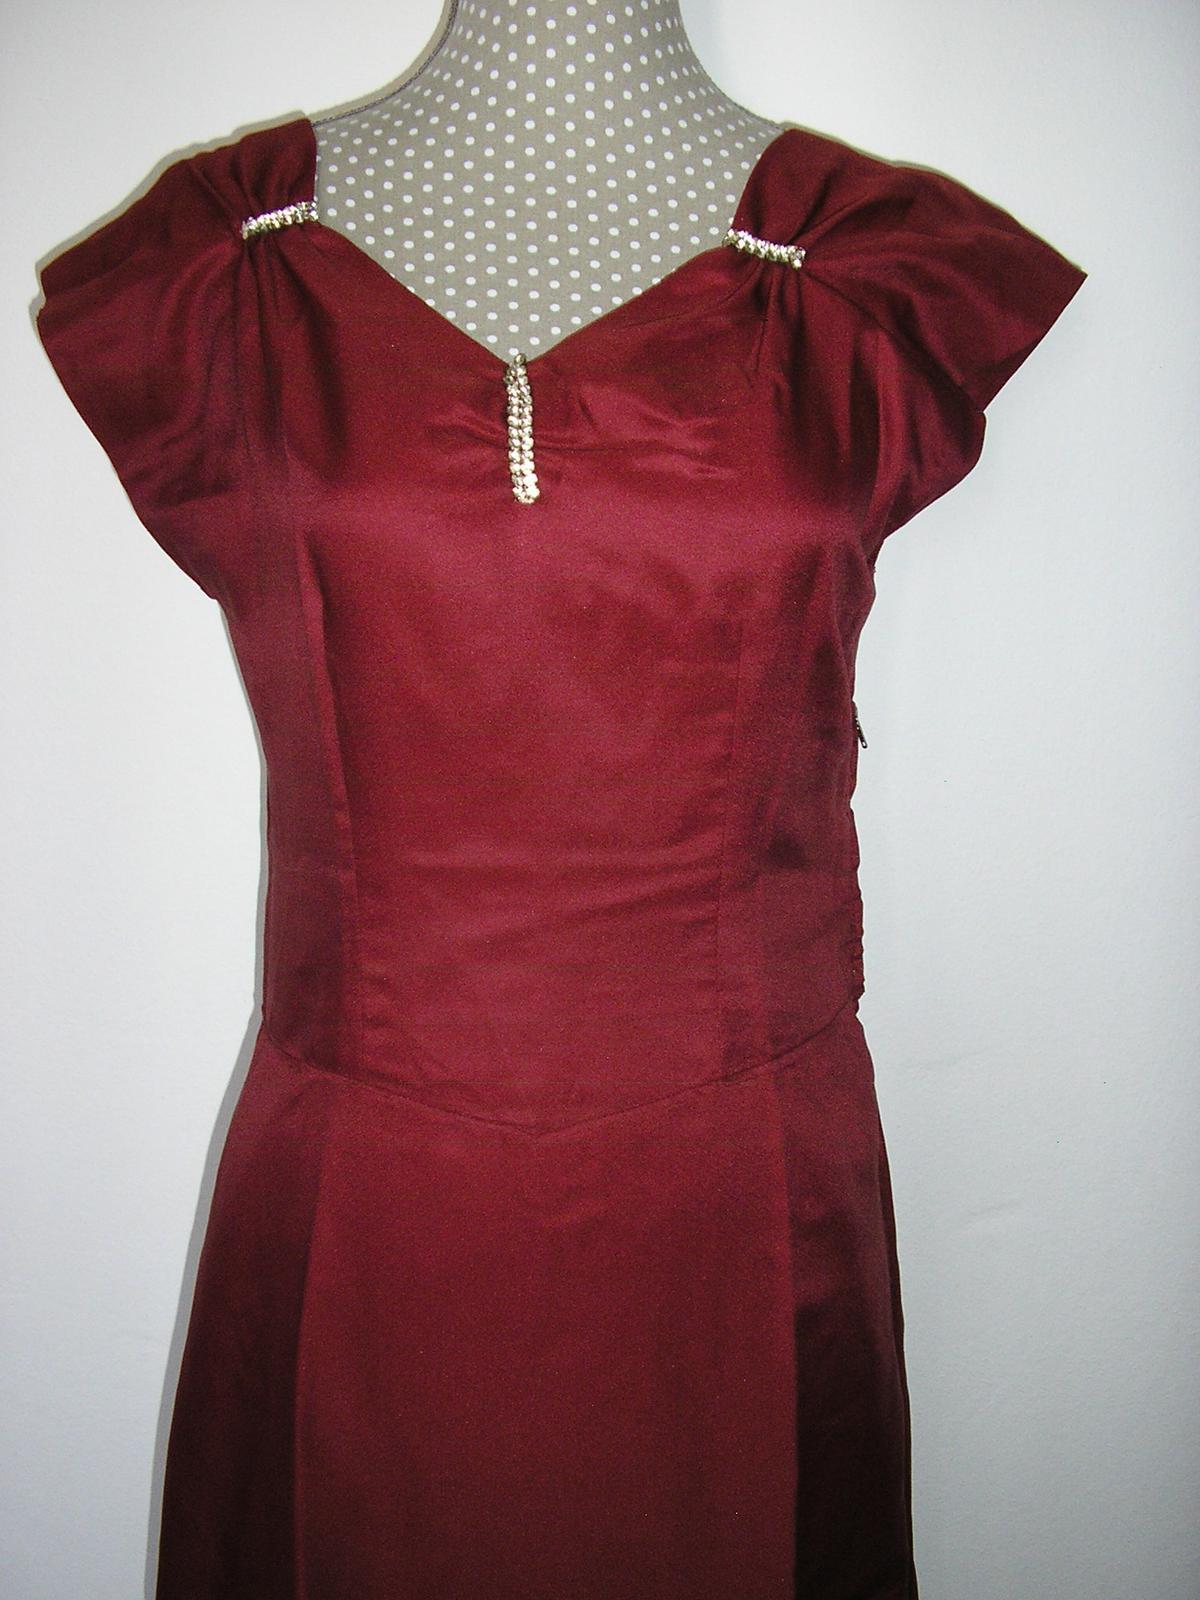 591. Bordové dlhé šaty - Obrázok č. 1